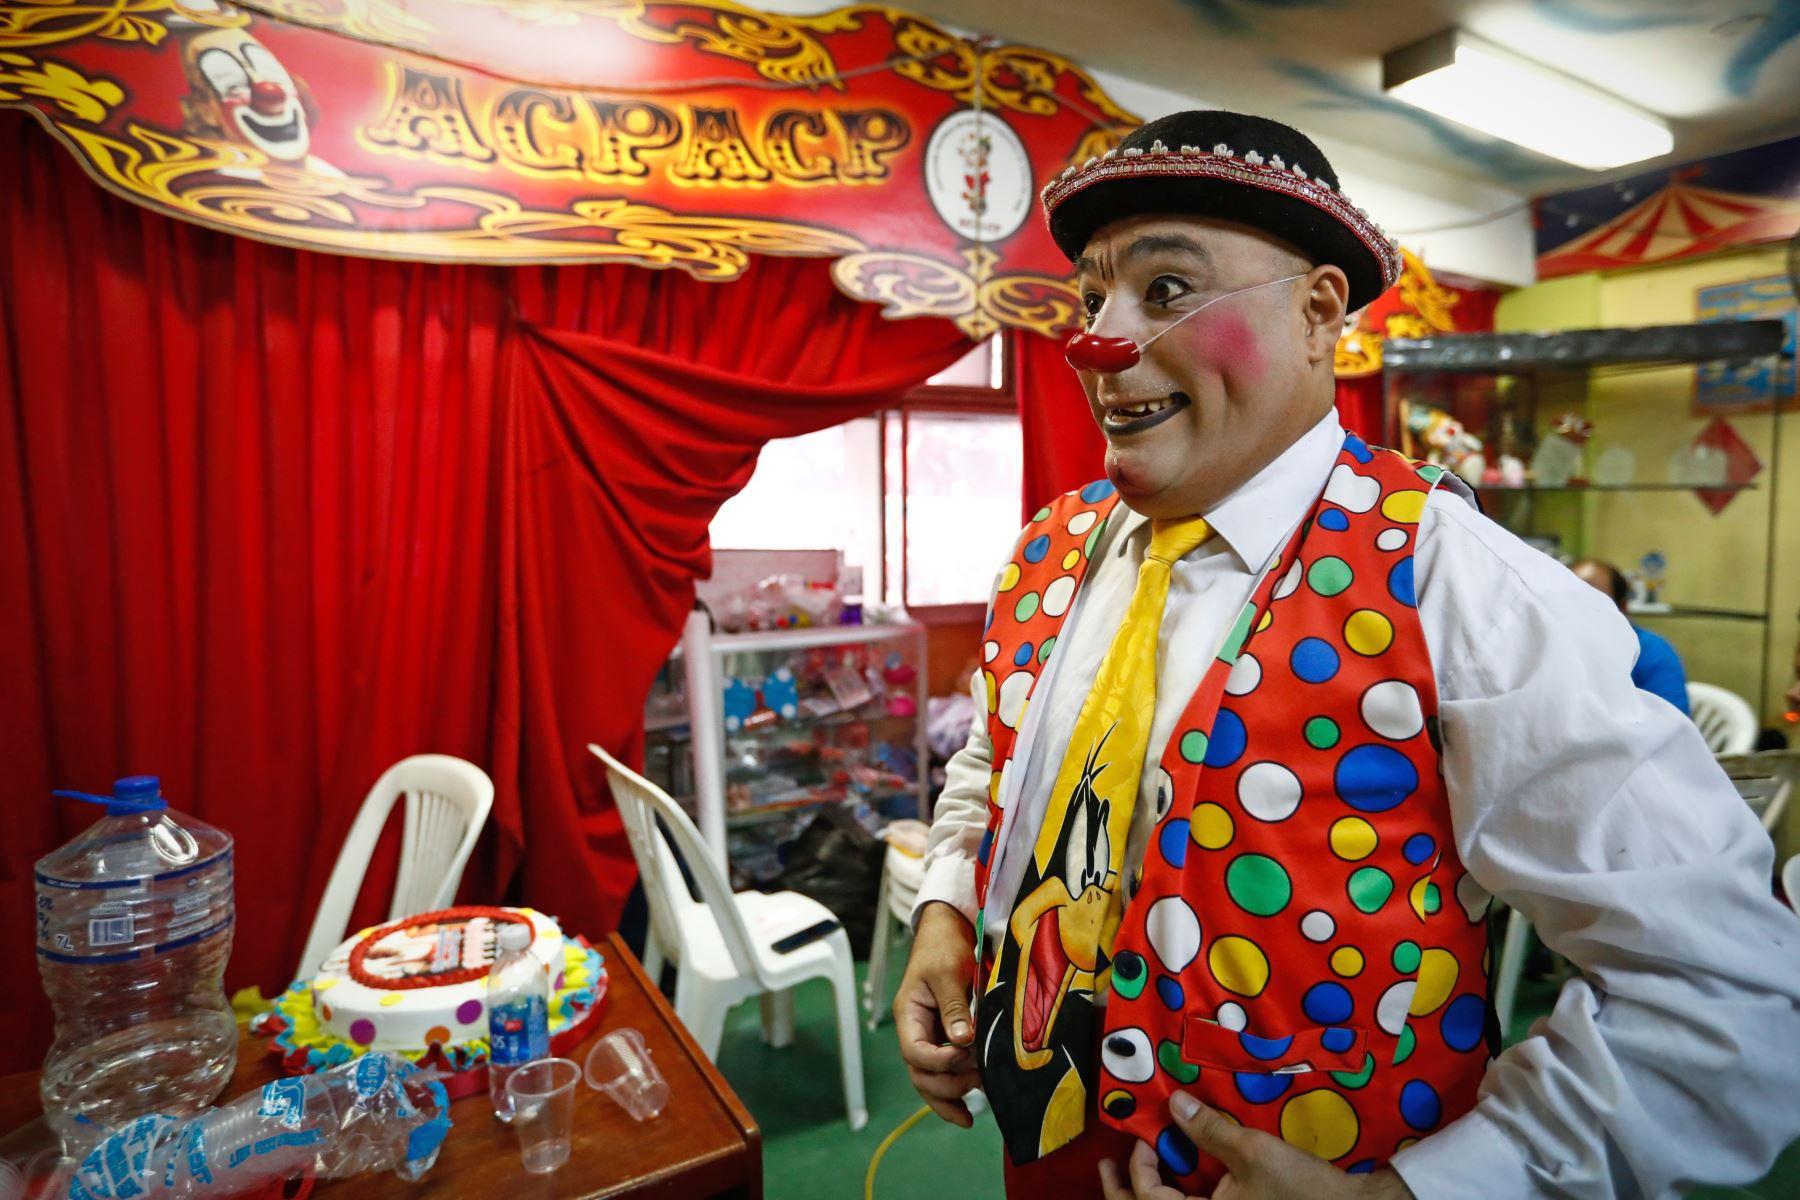 """El payaso """"Pininolas"""" se alista para el homenaje a Ricardo Farfán, conocido en el ambiente artístico como el payaso """"Pitito"""" por sus 96 años. Foto: ANDINA/Carlos Lezama"""